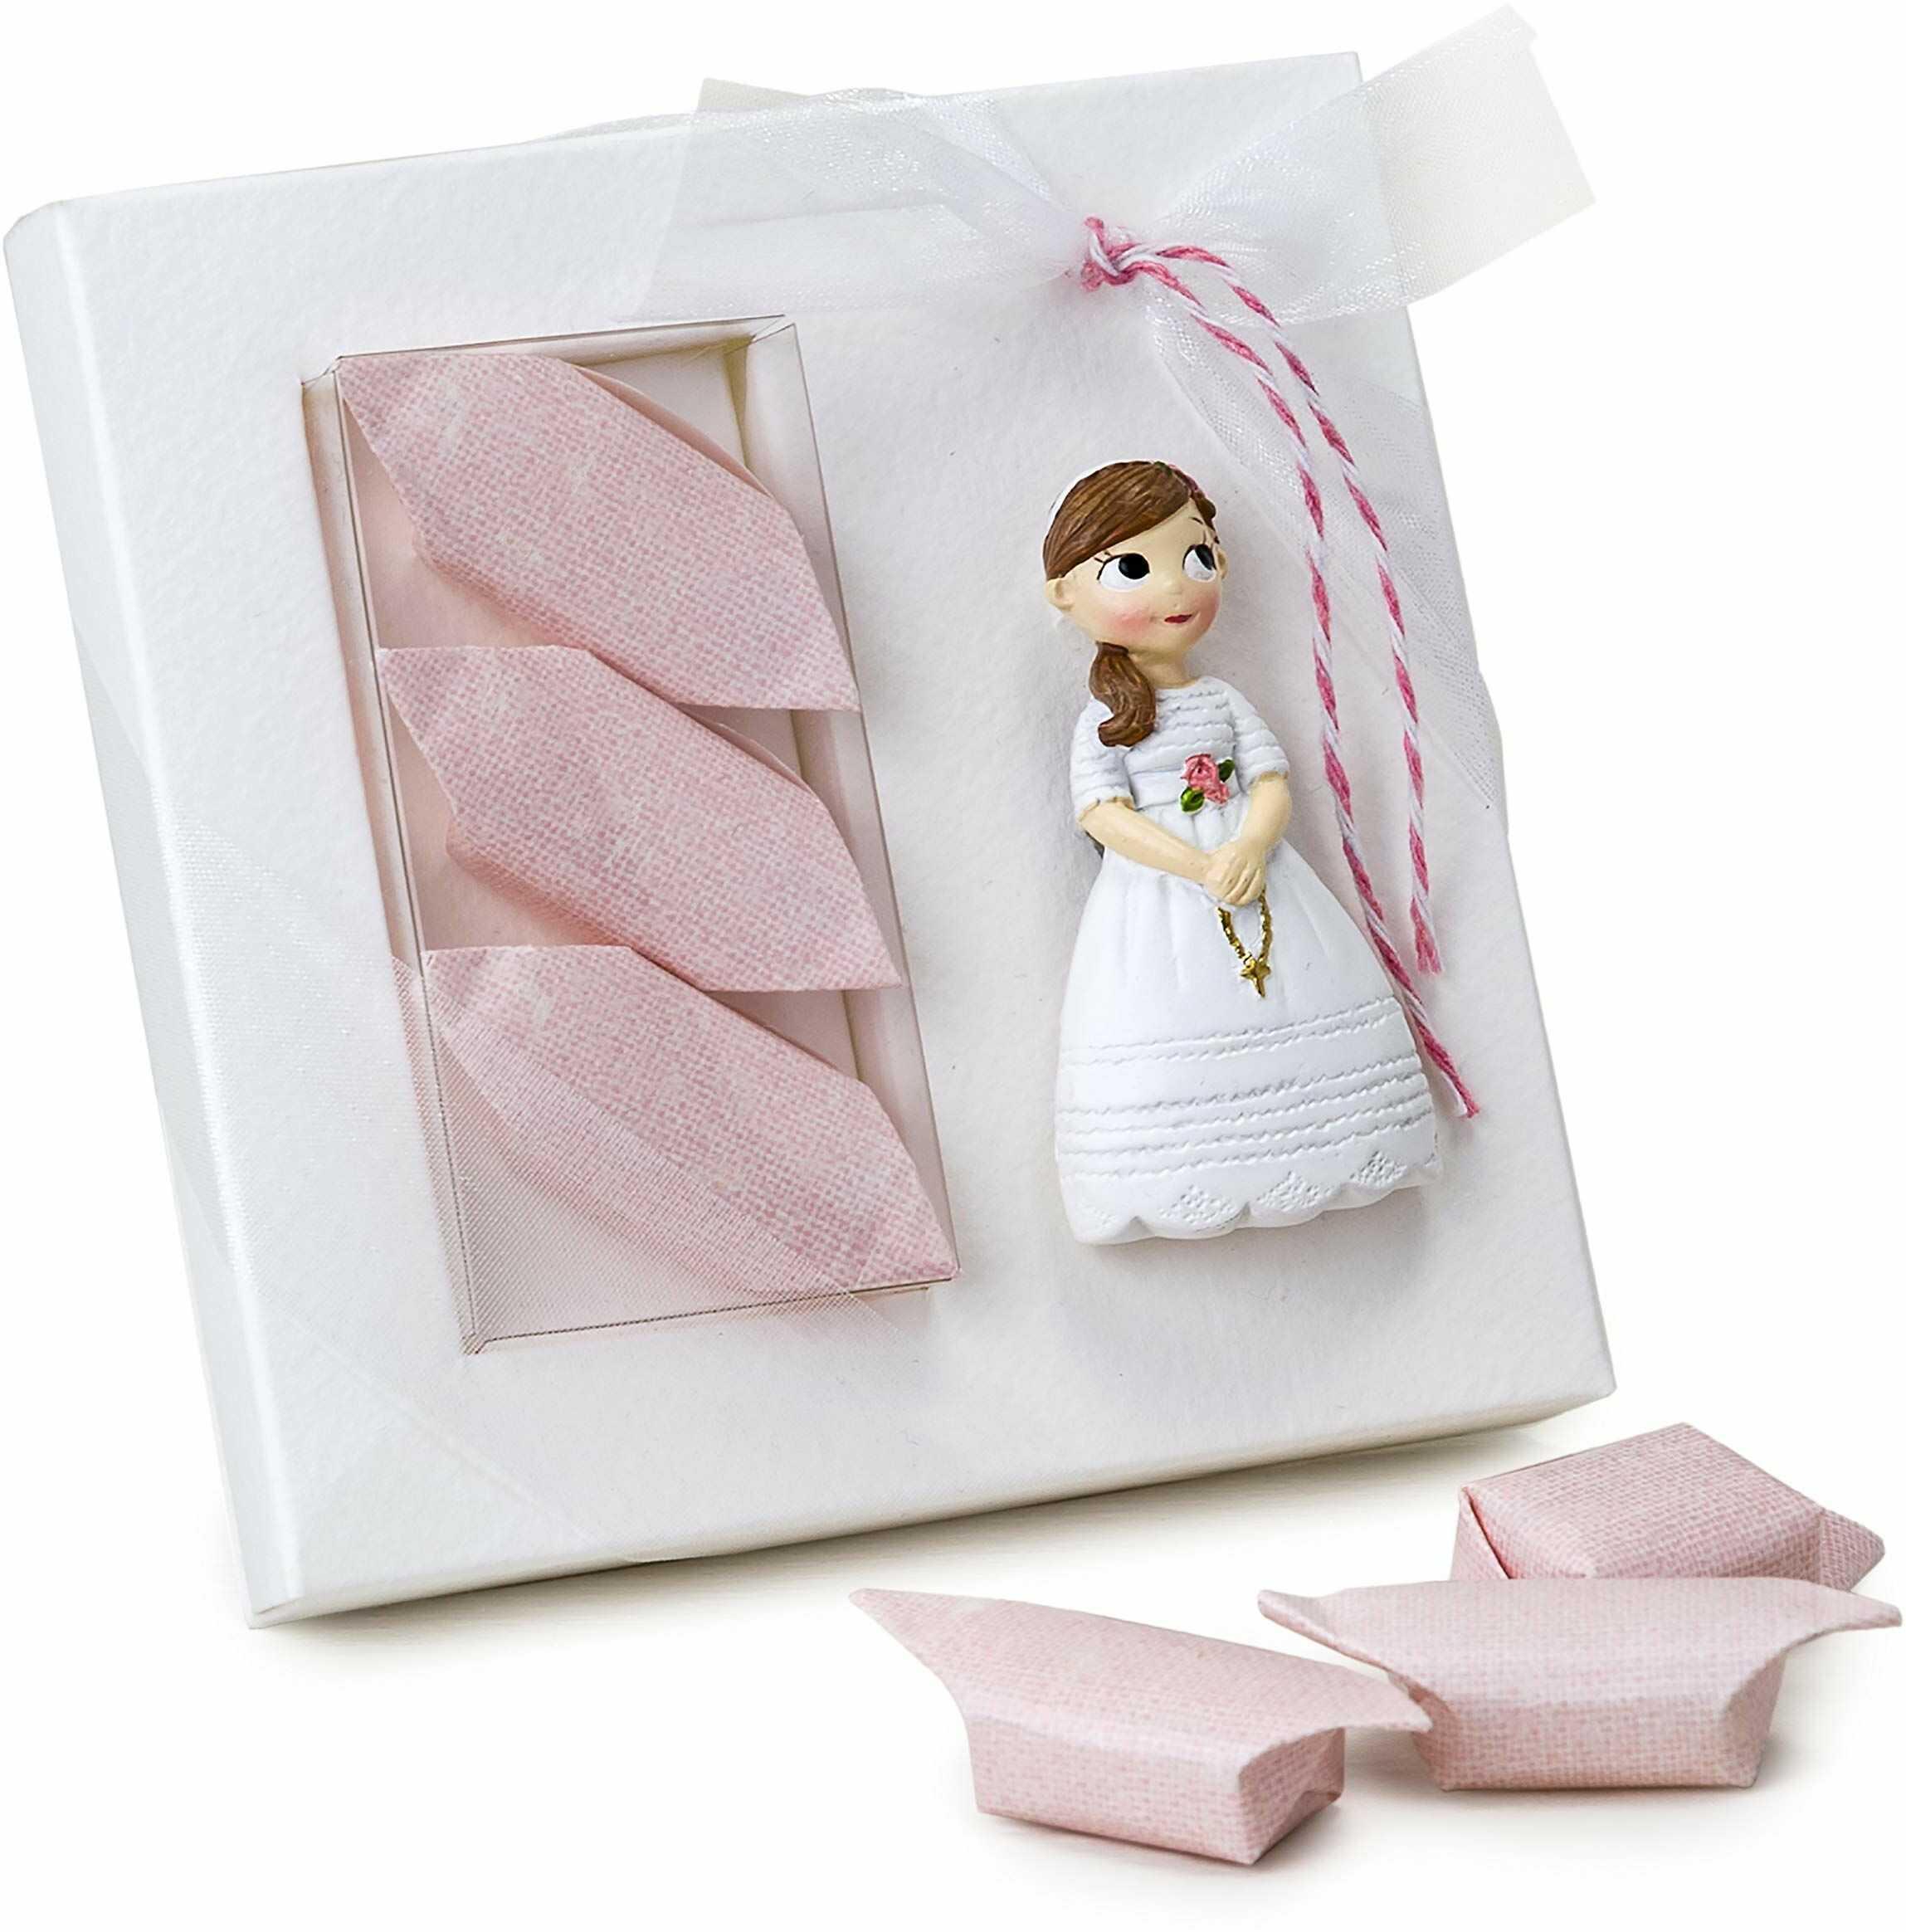 Mopec ZD8580.2 magnes dla dziewczynki na komunię z różańcem i 3 słodyczami, karton, wielokolorowy, rozmiar uniwersalny